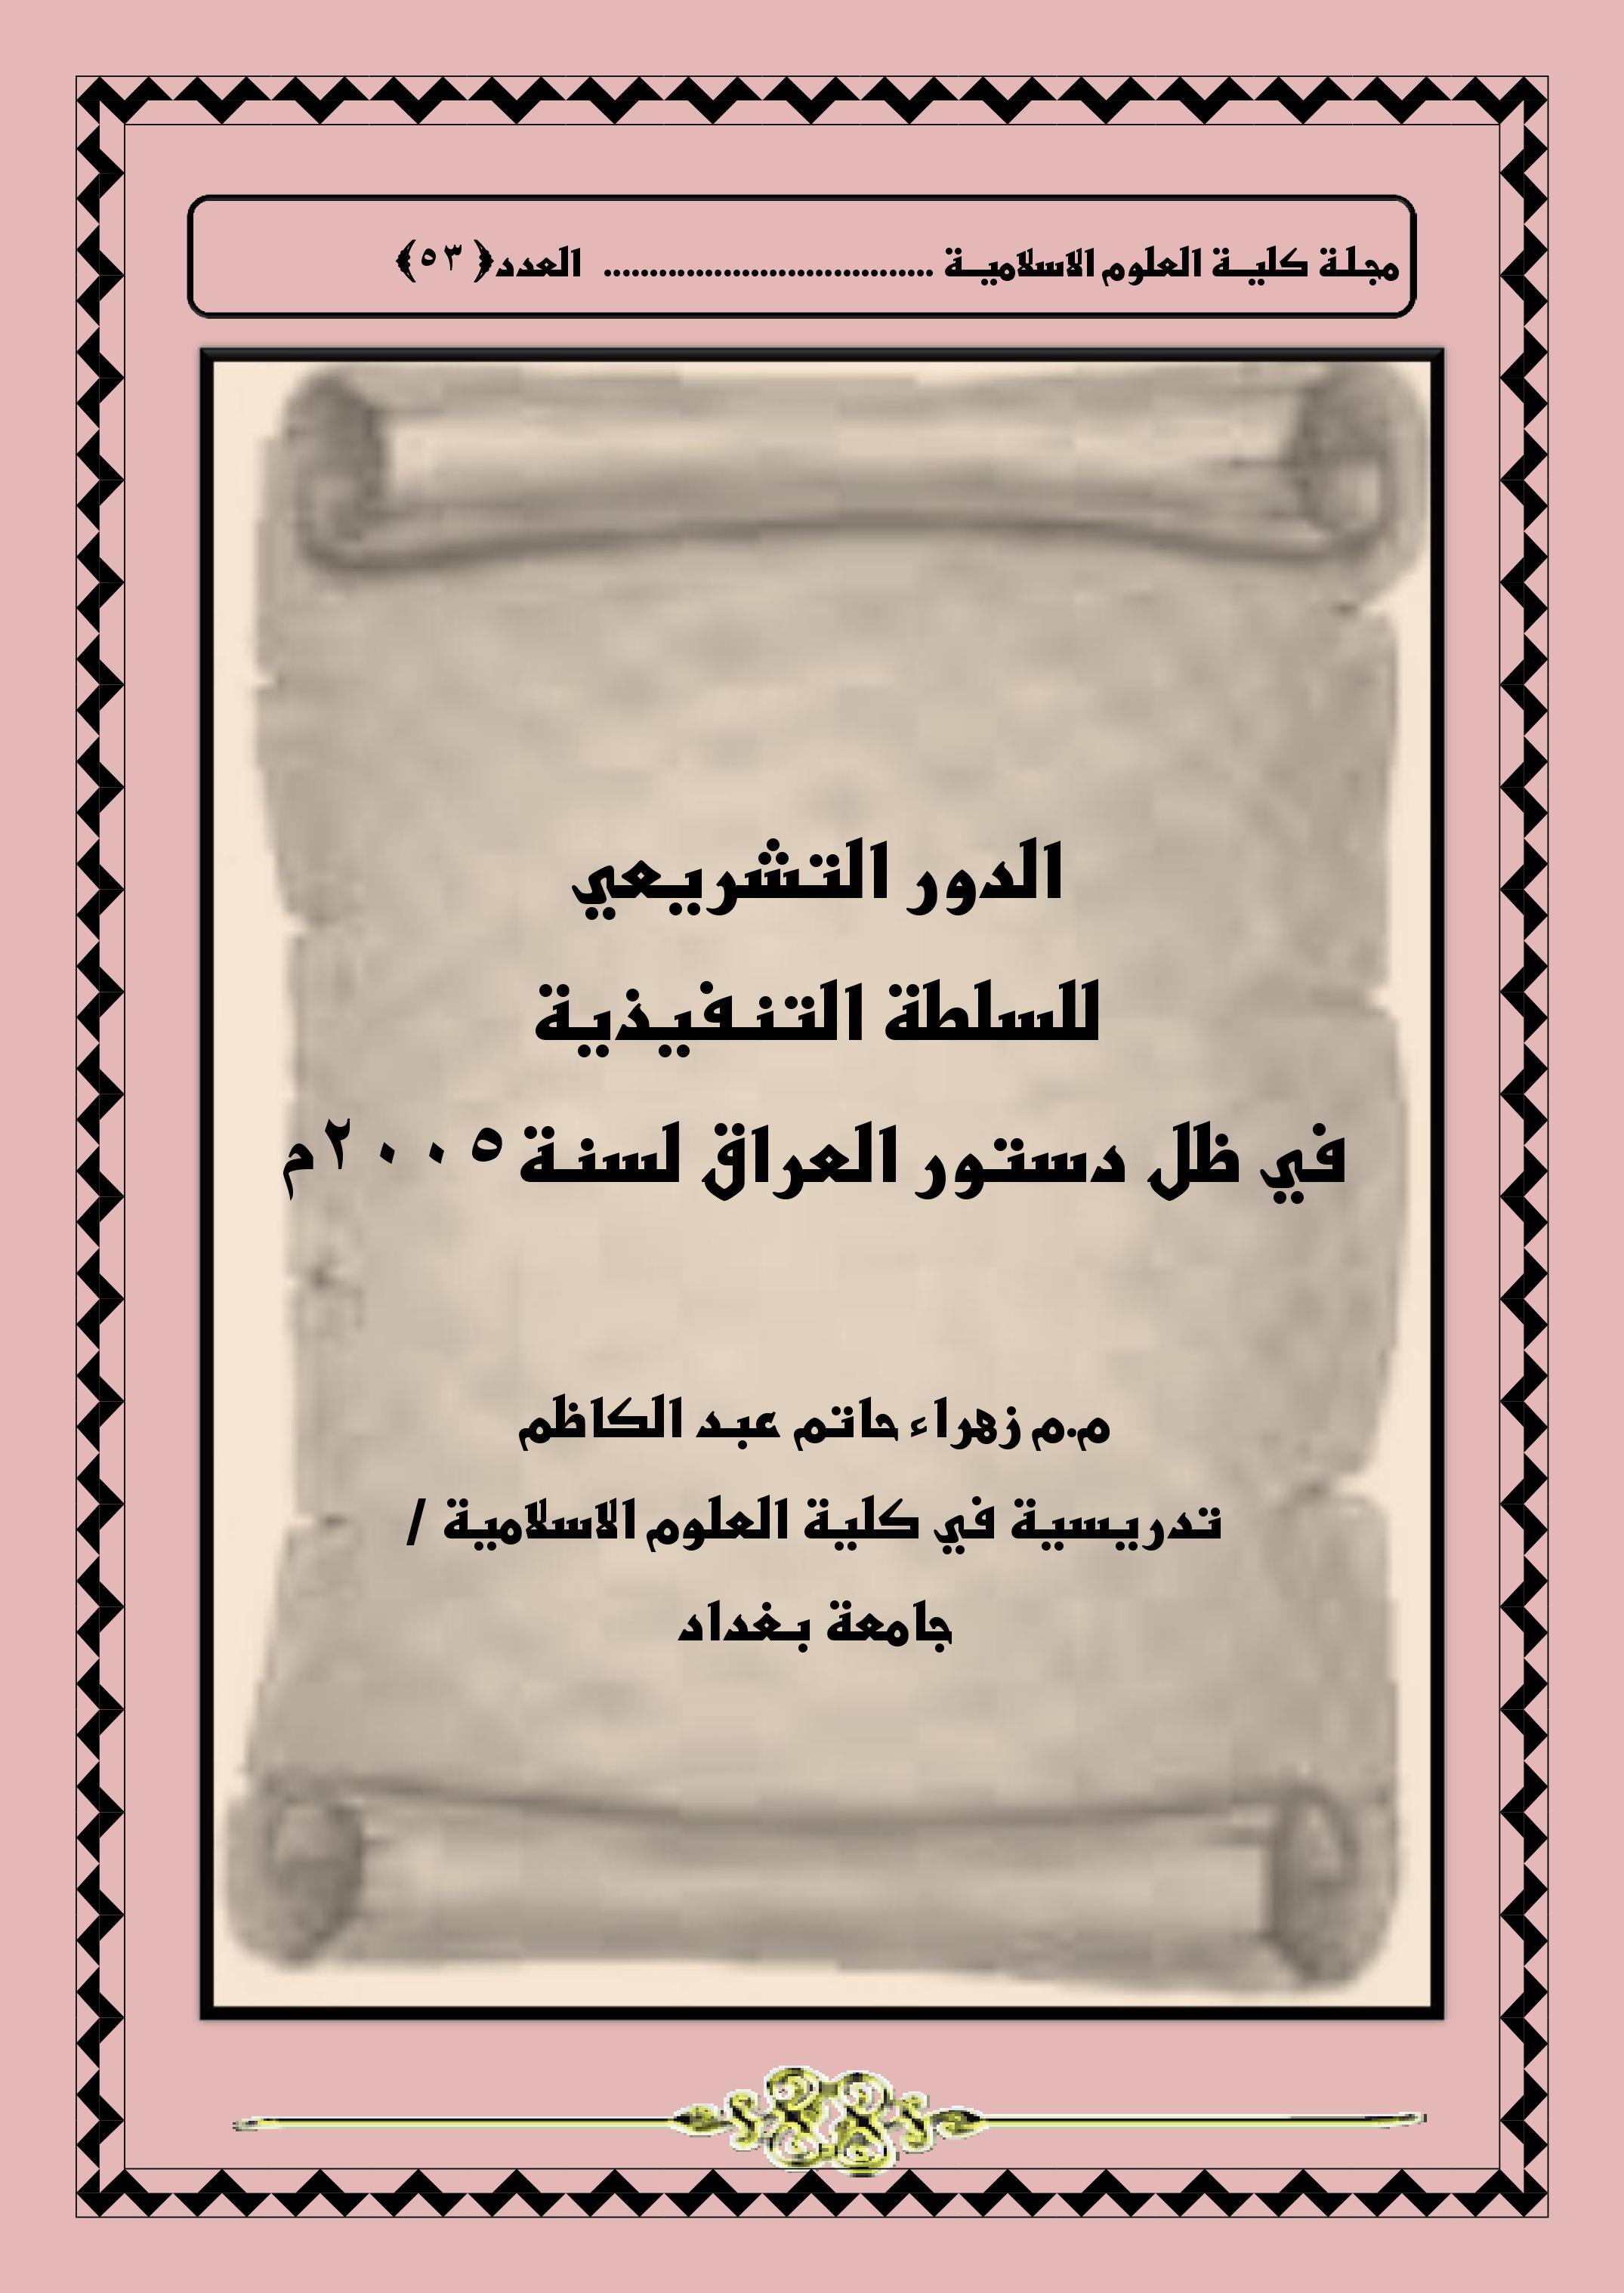 الدور التشريعي للسلطة التنفيذية في ظل دستور العراق لسنة2005م